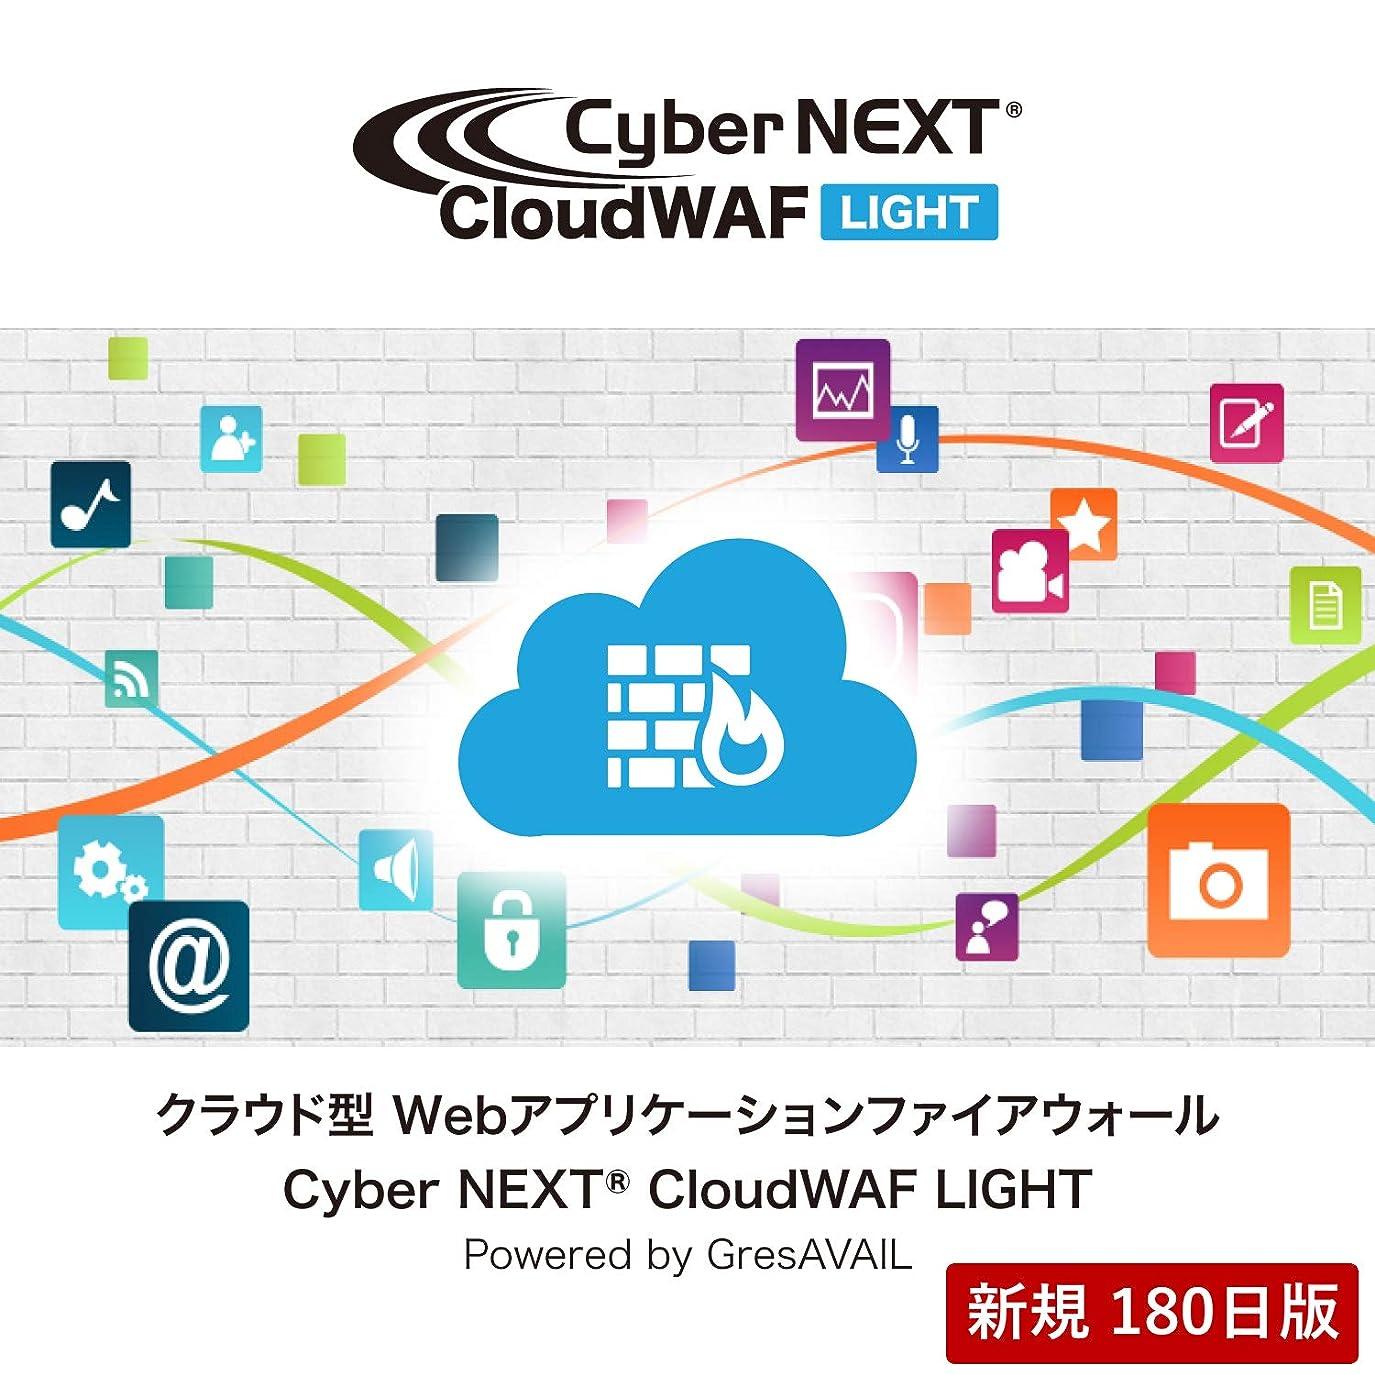 アーティキュレーションラフ睡眠店員Cyber NEXT CloudWAF Light|新規180日|オンラインコード版